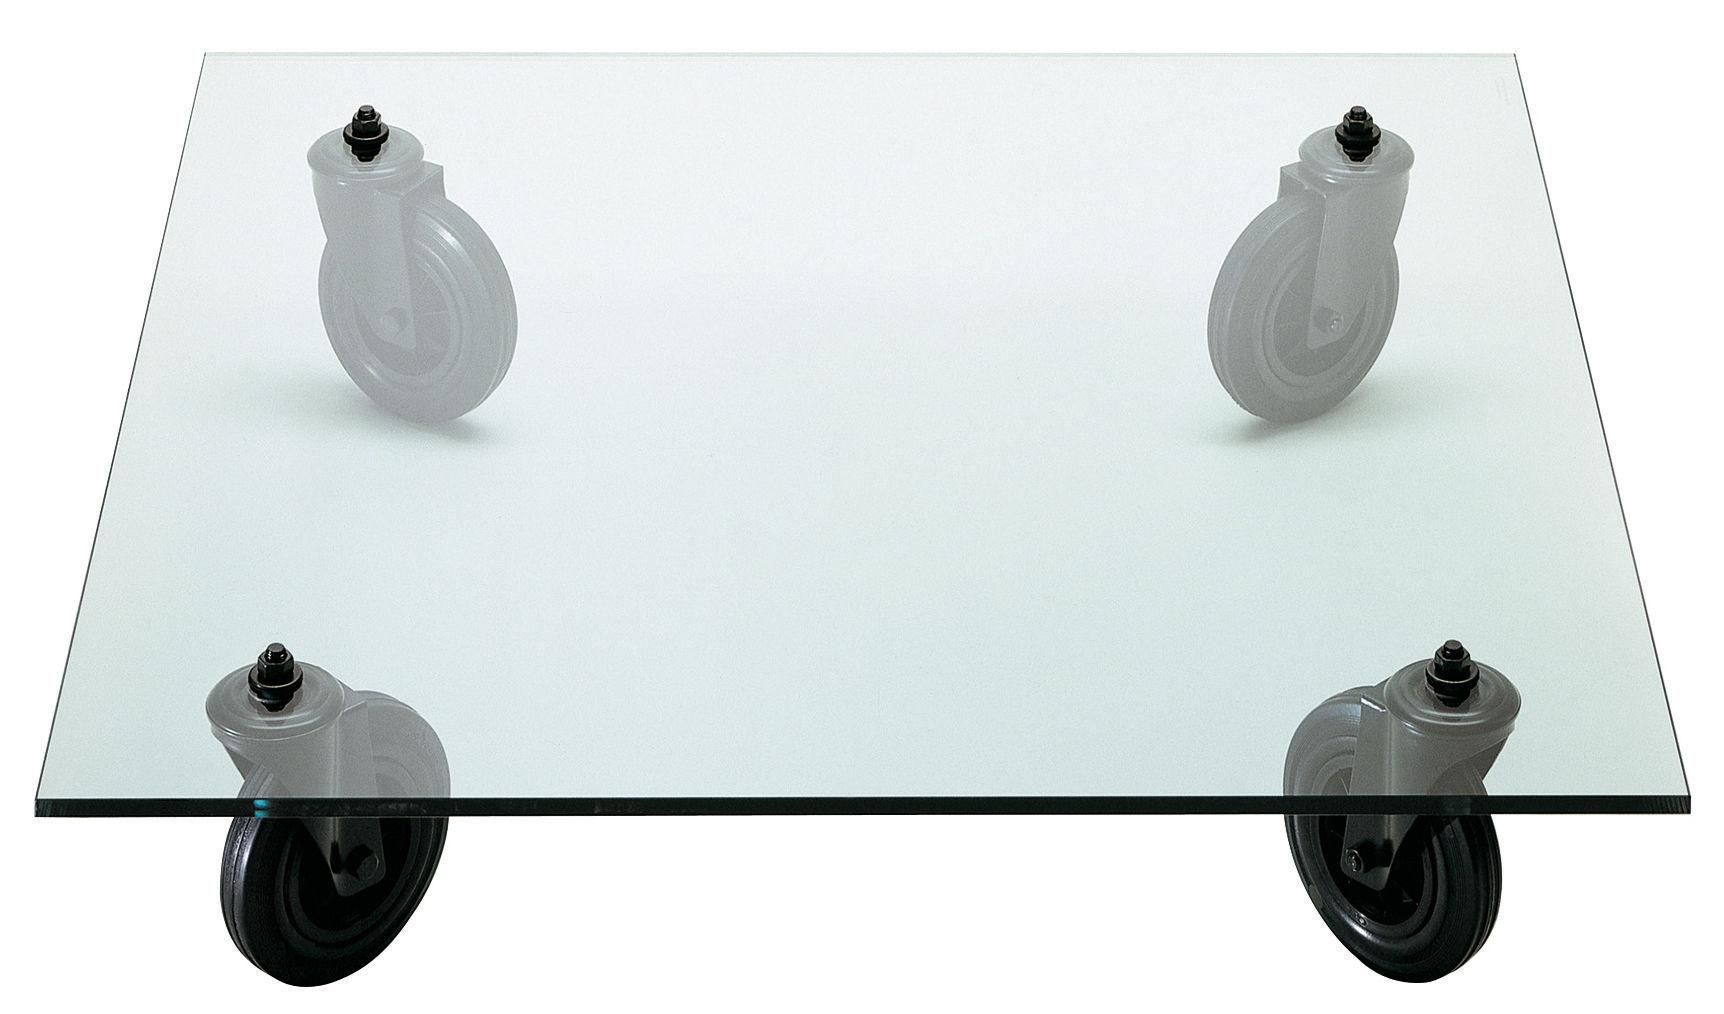 Mobilier - Tables basses - Table basse Gae Aulenti - Fontana Arte - 110 x 110 cm - Caoutchouc, Métal verni, Verre